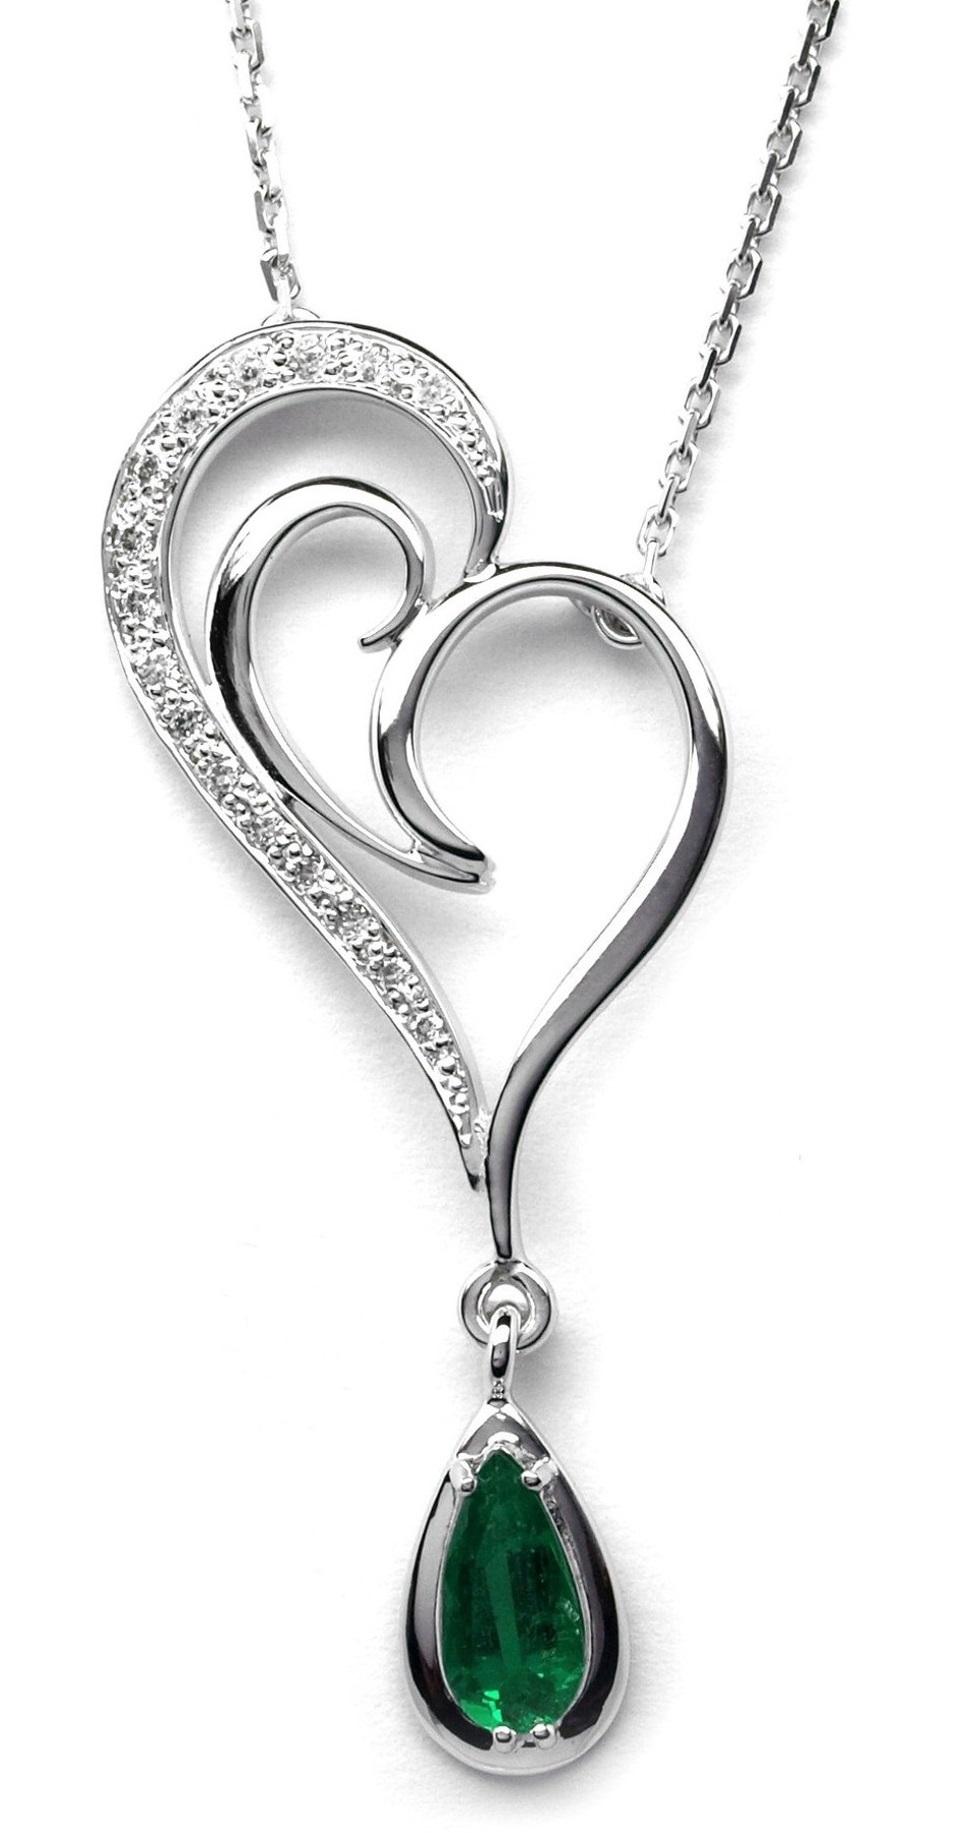 Ručně vyrobený náhrdelník z bílého zlata se smaragdem a diamanty J-28007-17